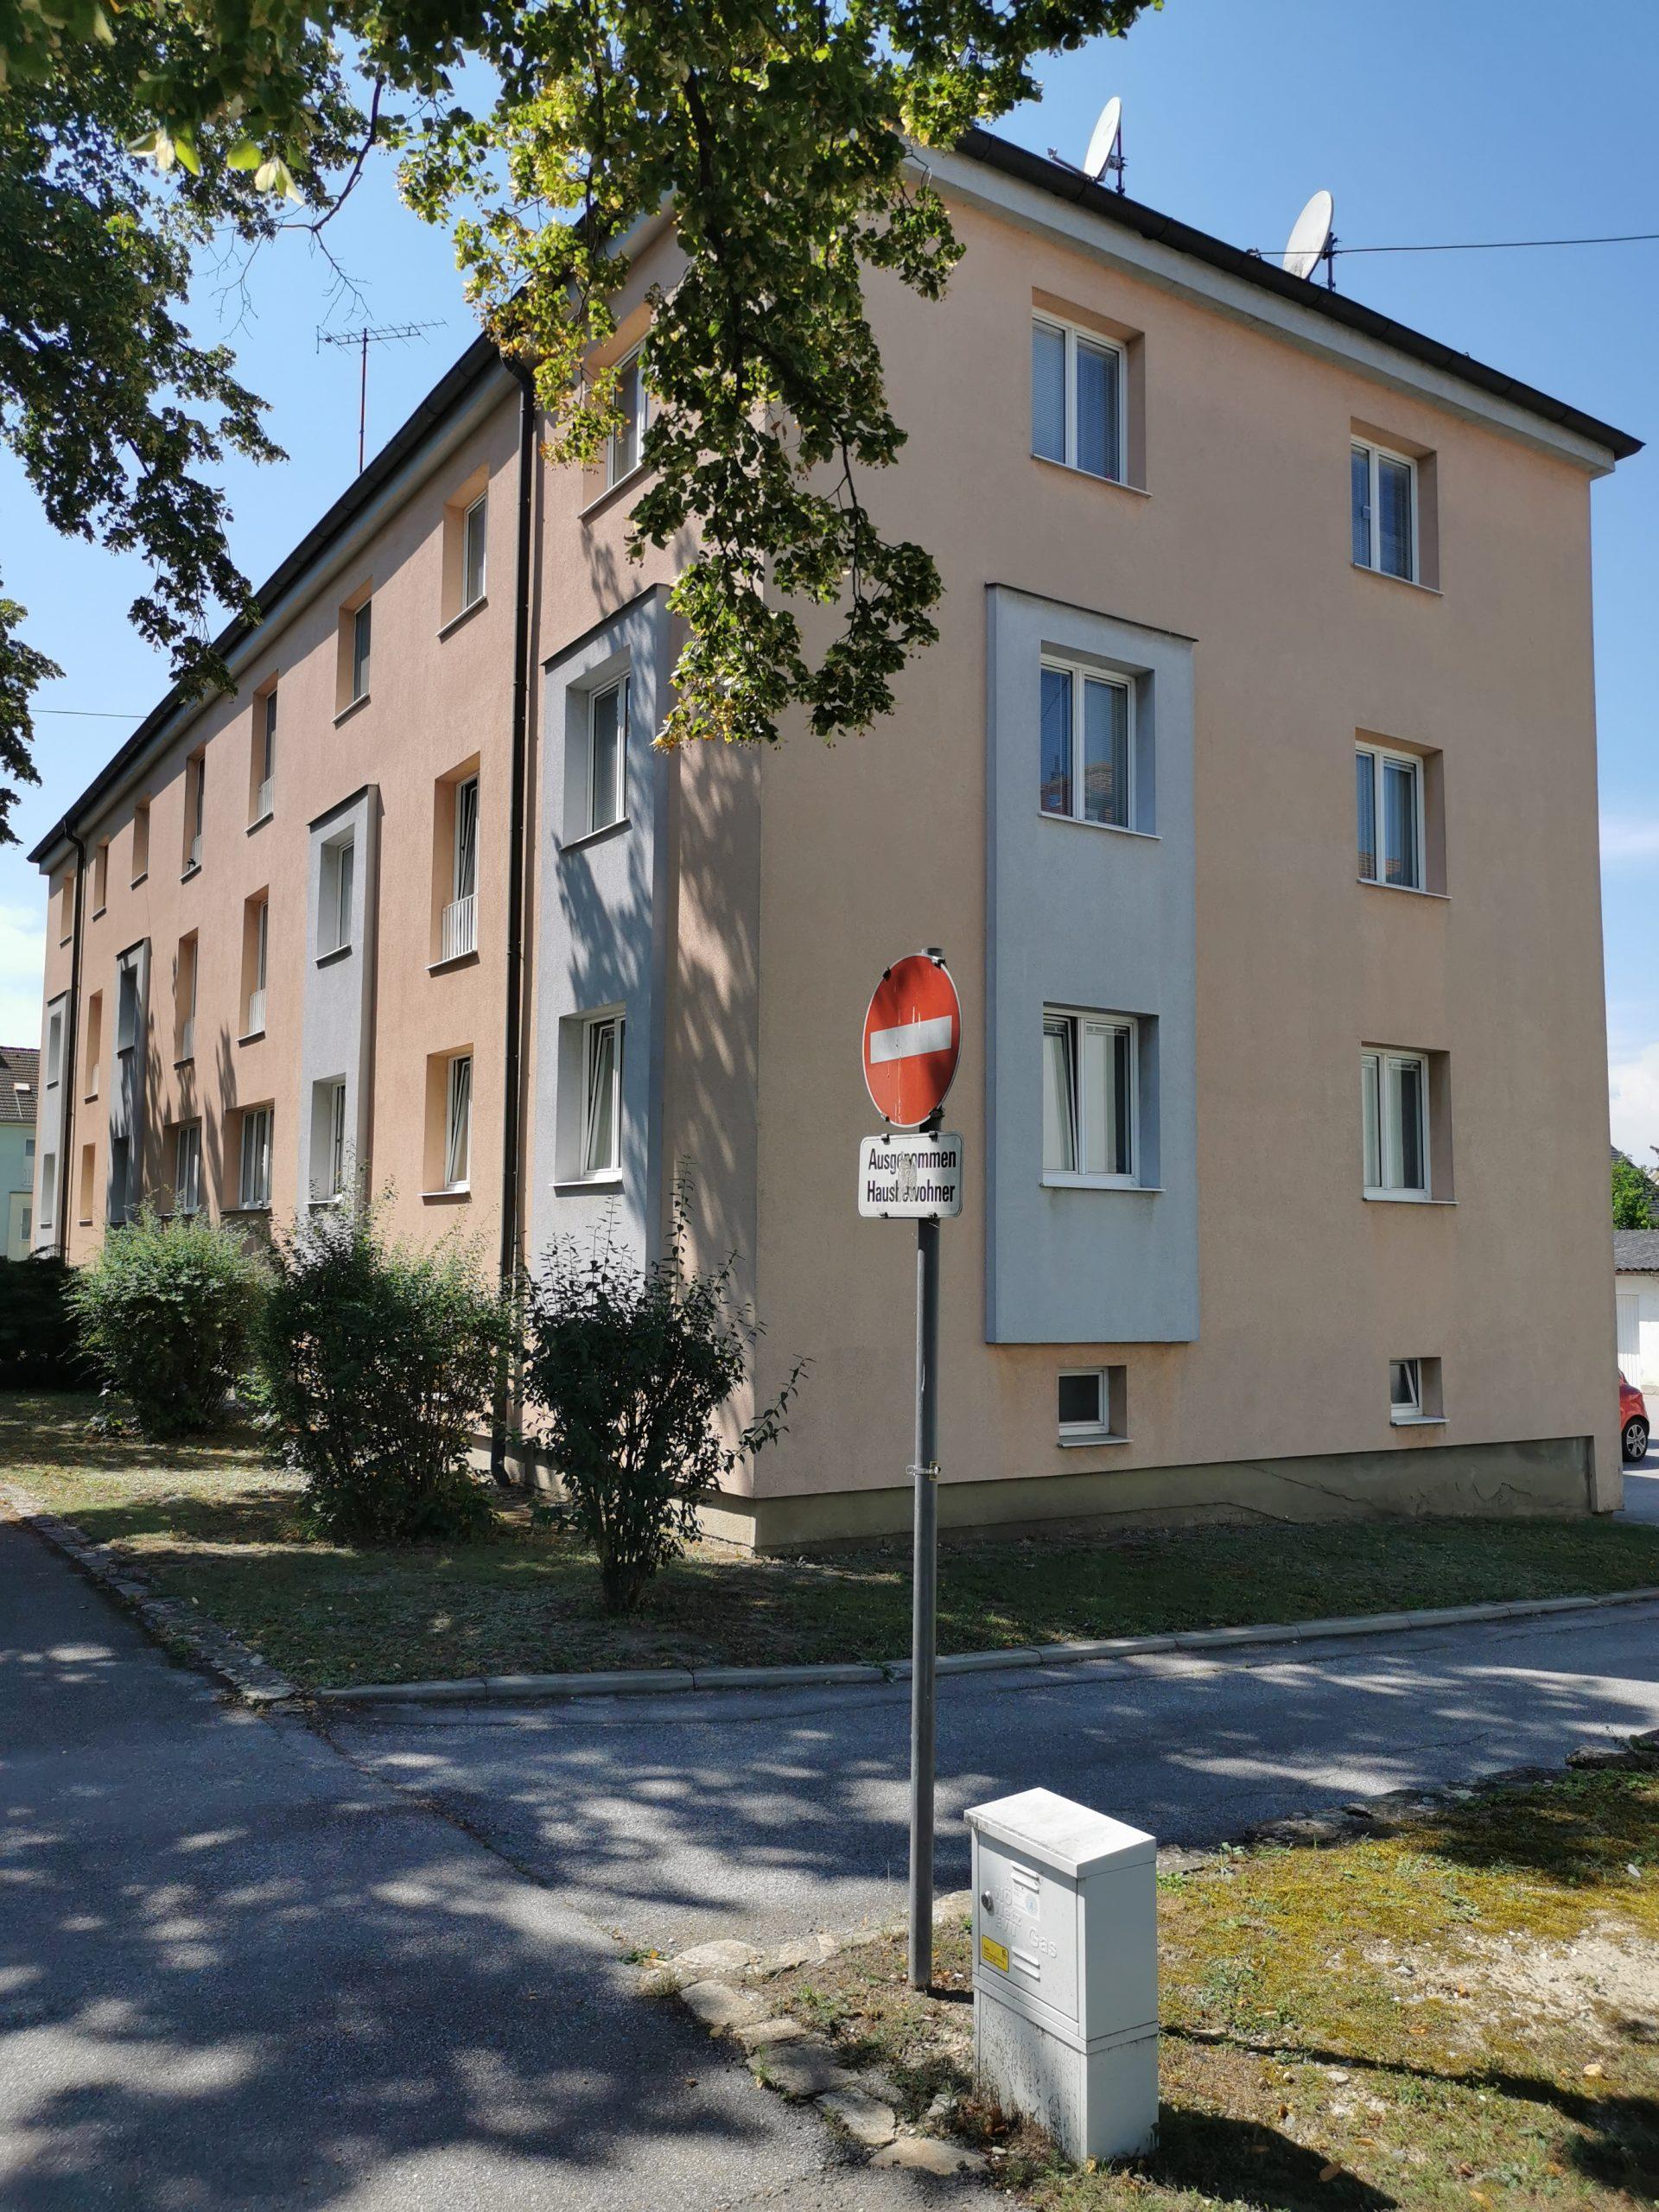 Immobilie von Kamptal in 2136 Laa an der Thaya, Mistelbach, Laa XII - Top 104 #1